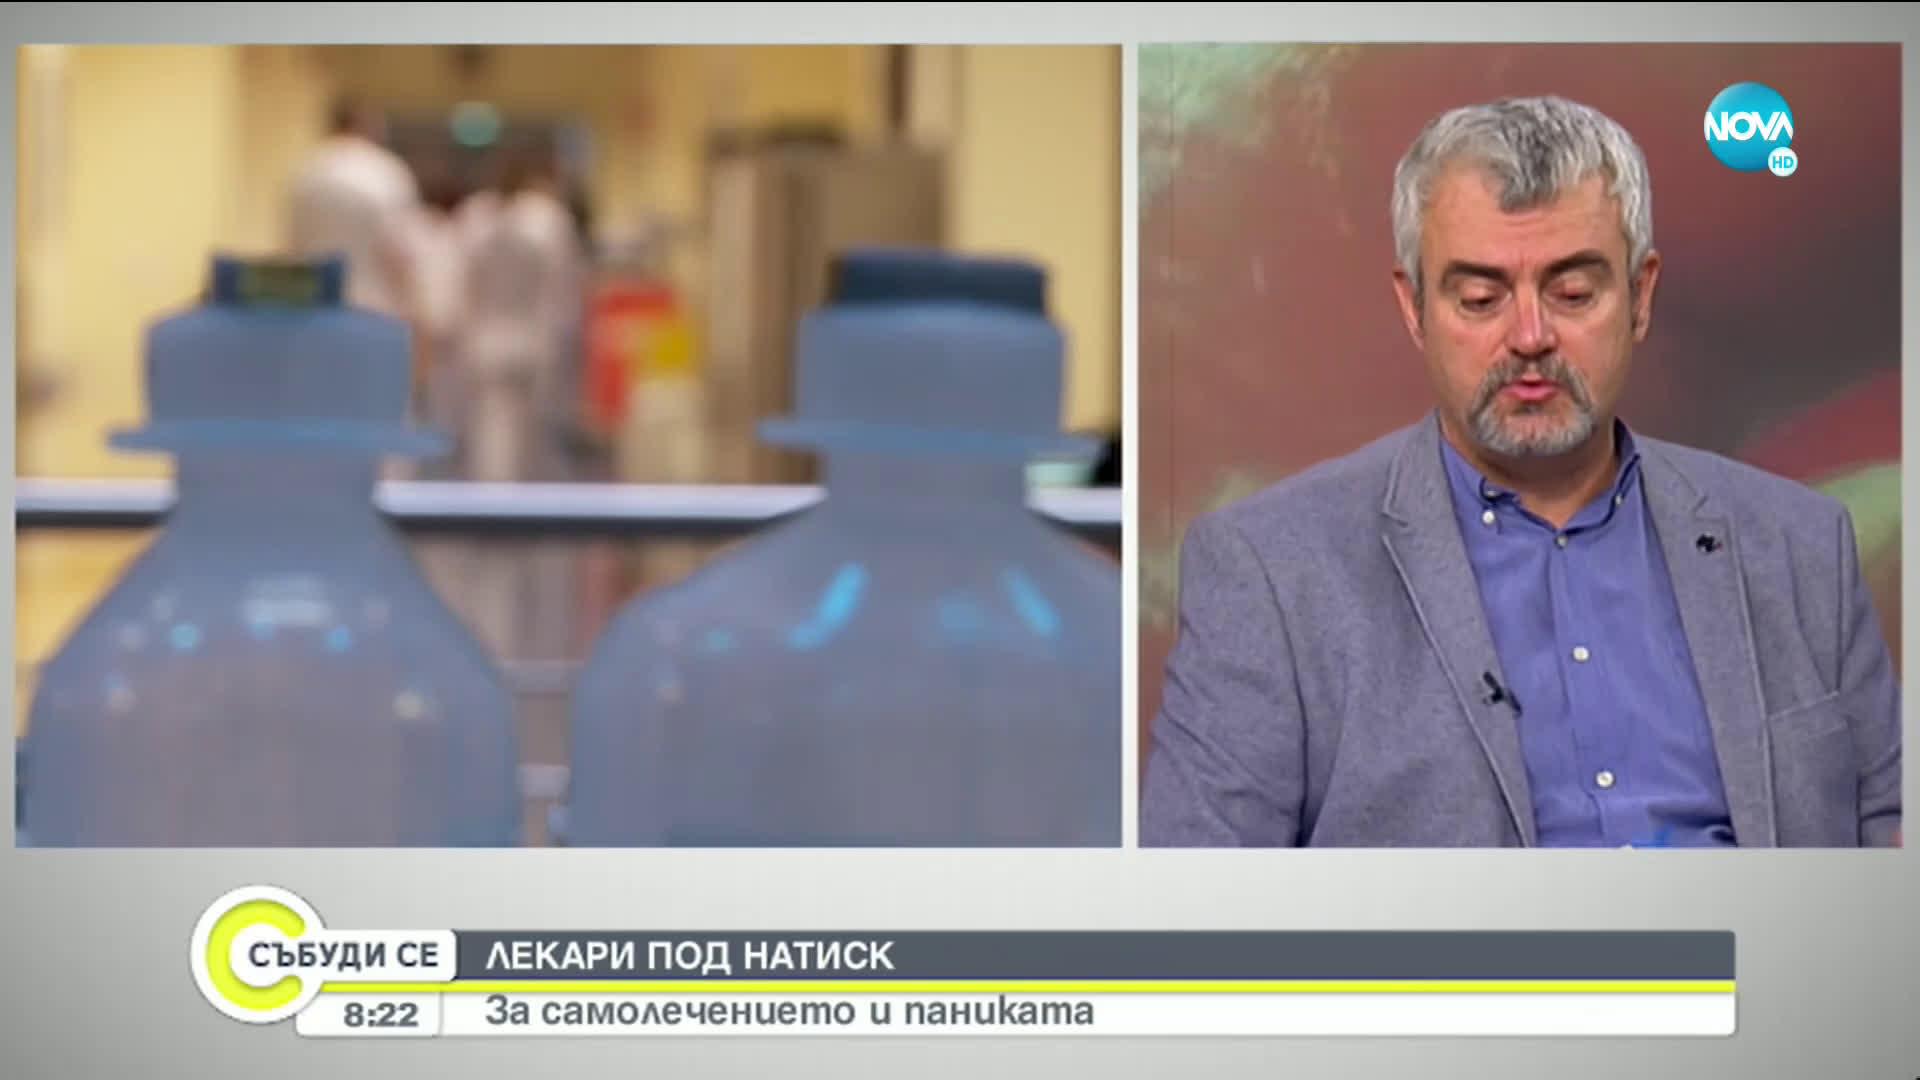 Д-р Миндов: Всеки личен лекар работи с център за неотложна помощ